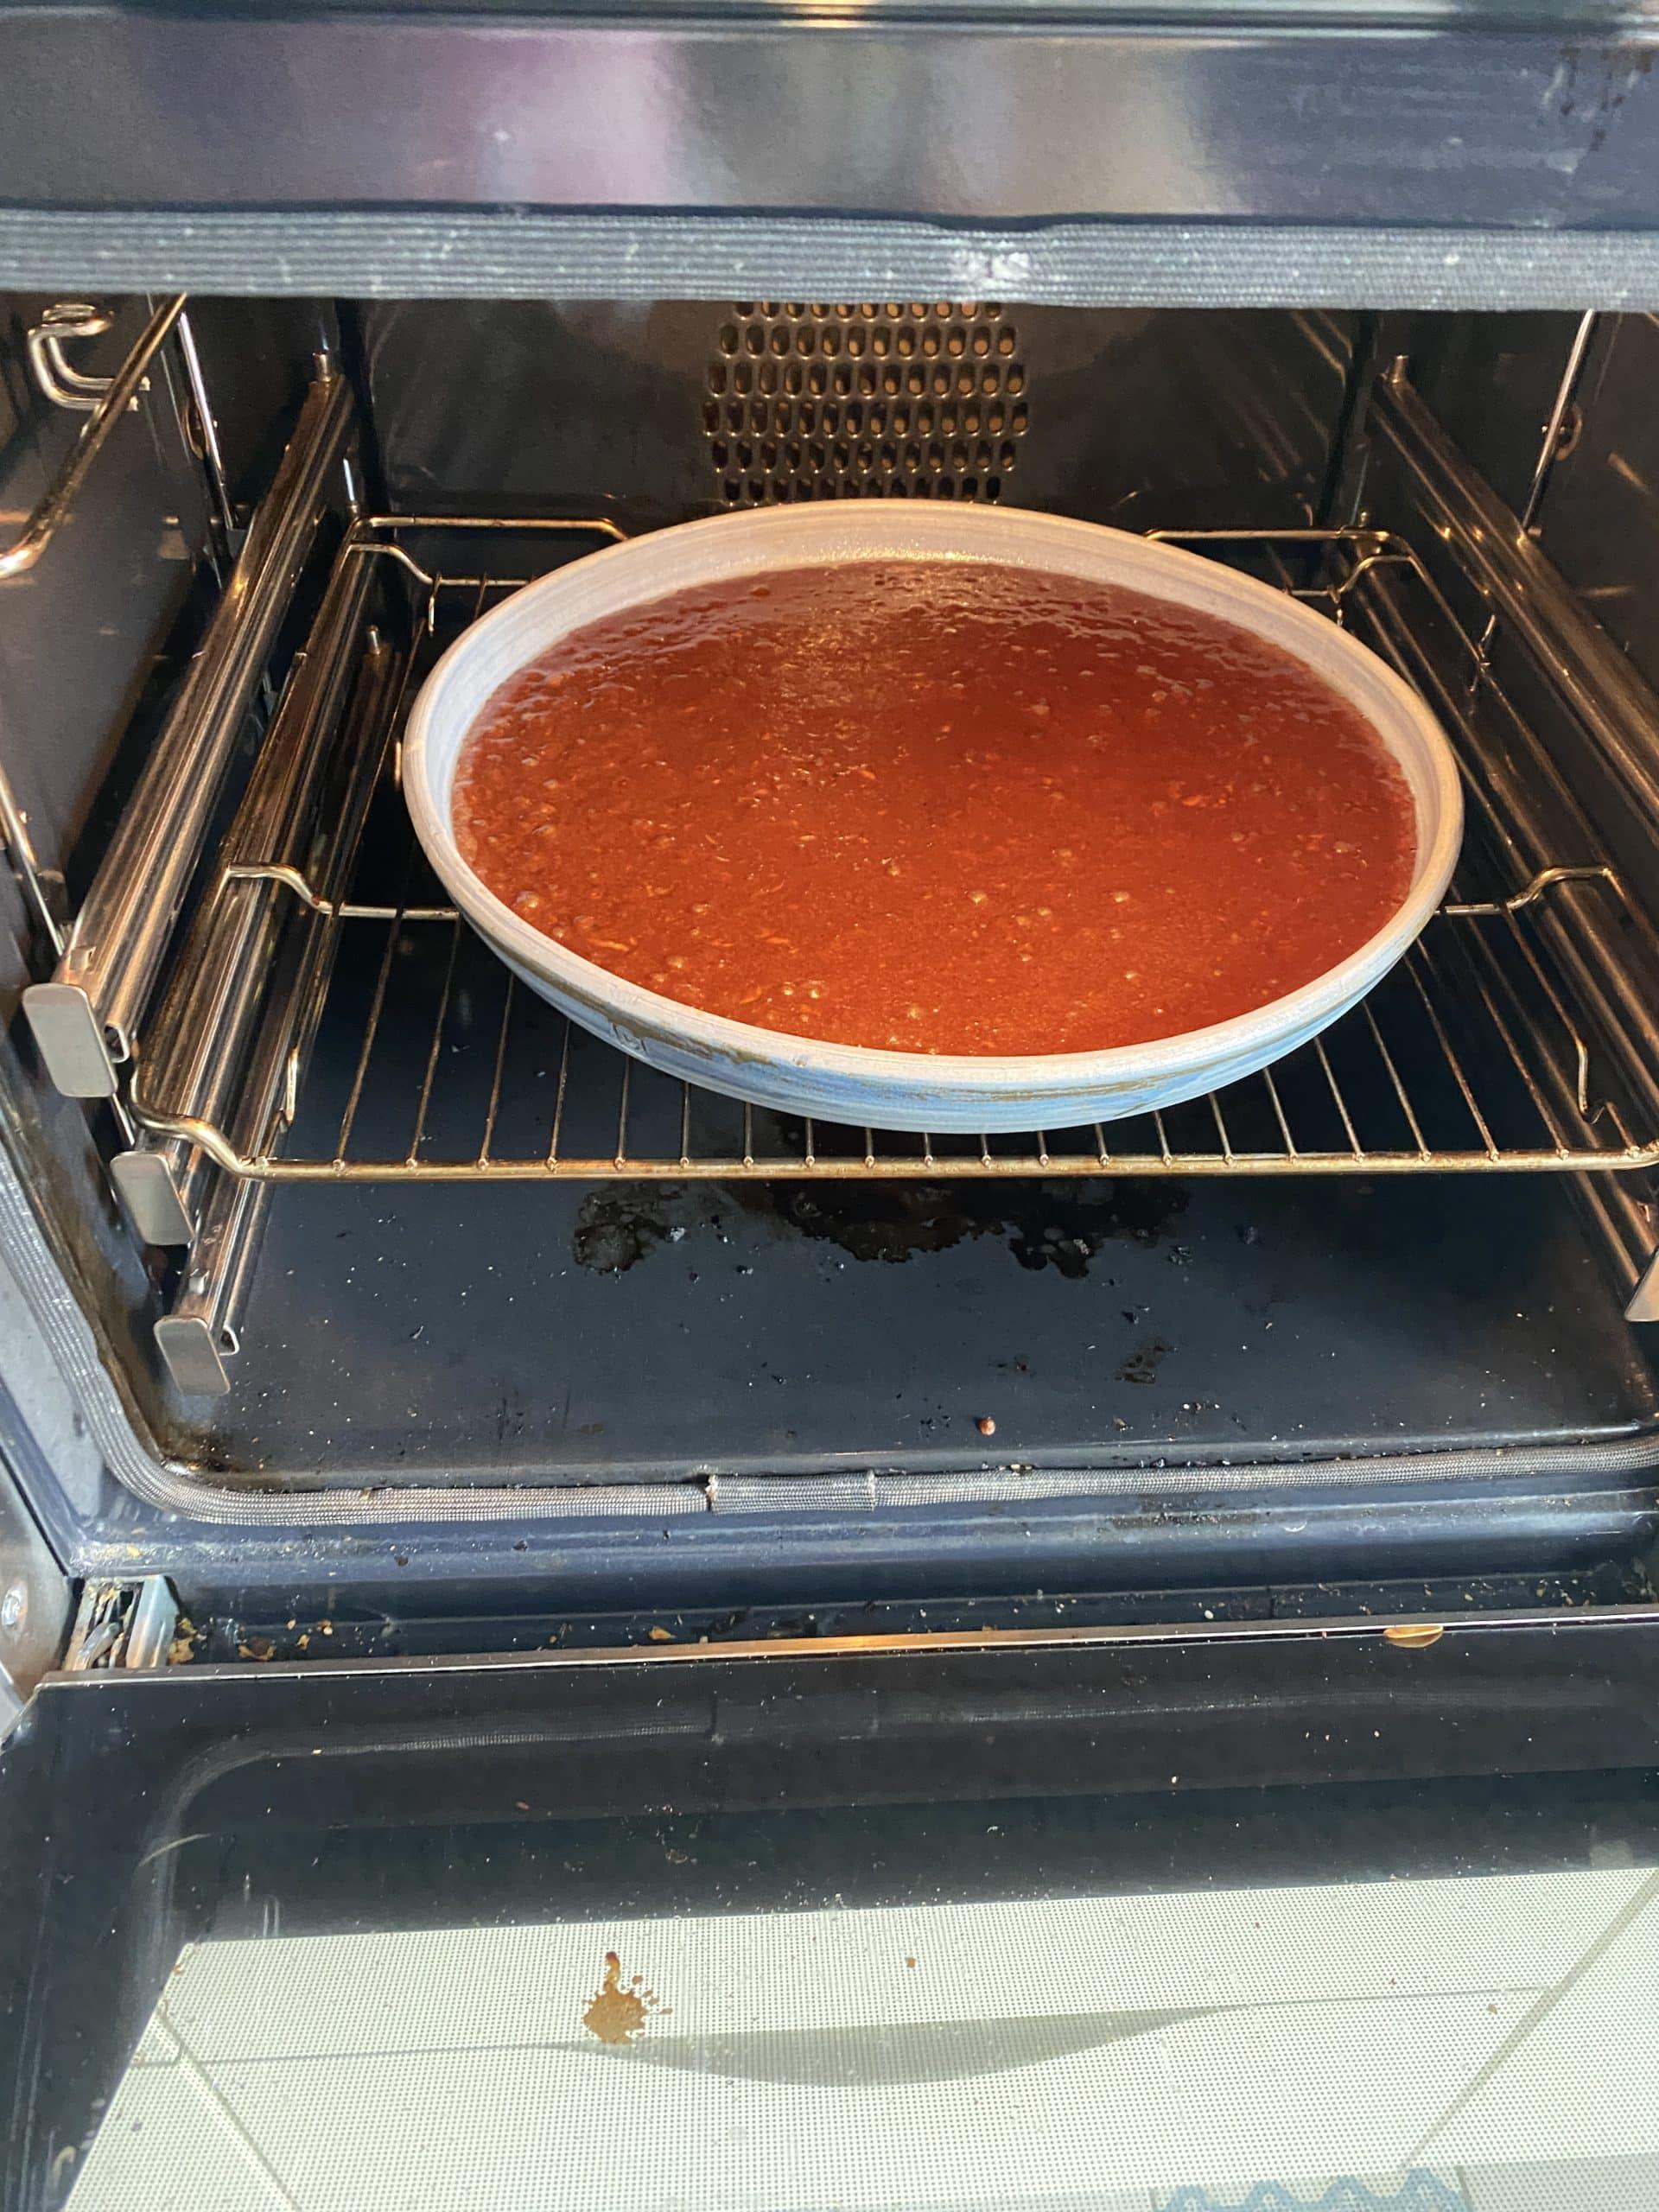 Ich backe heute Zucchini Kuchen, denn unsere Freunde kommen. Es wird super und ist auch noch lowcarb.